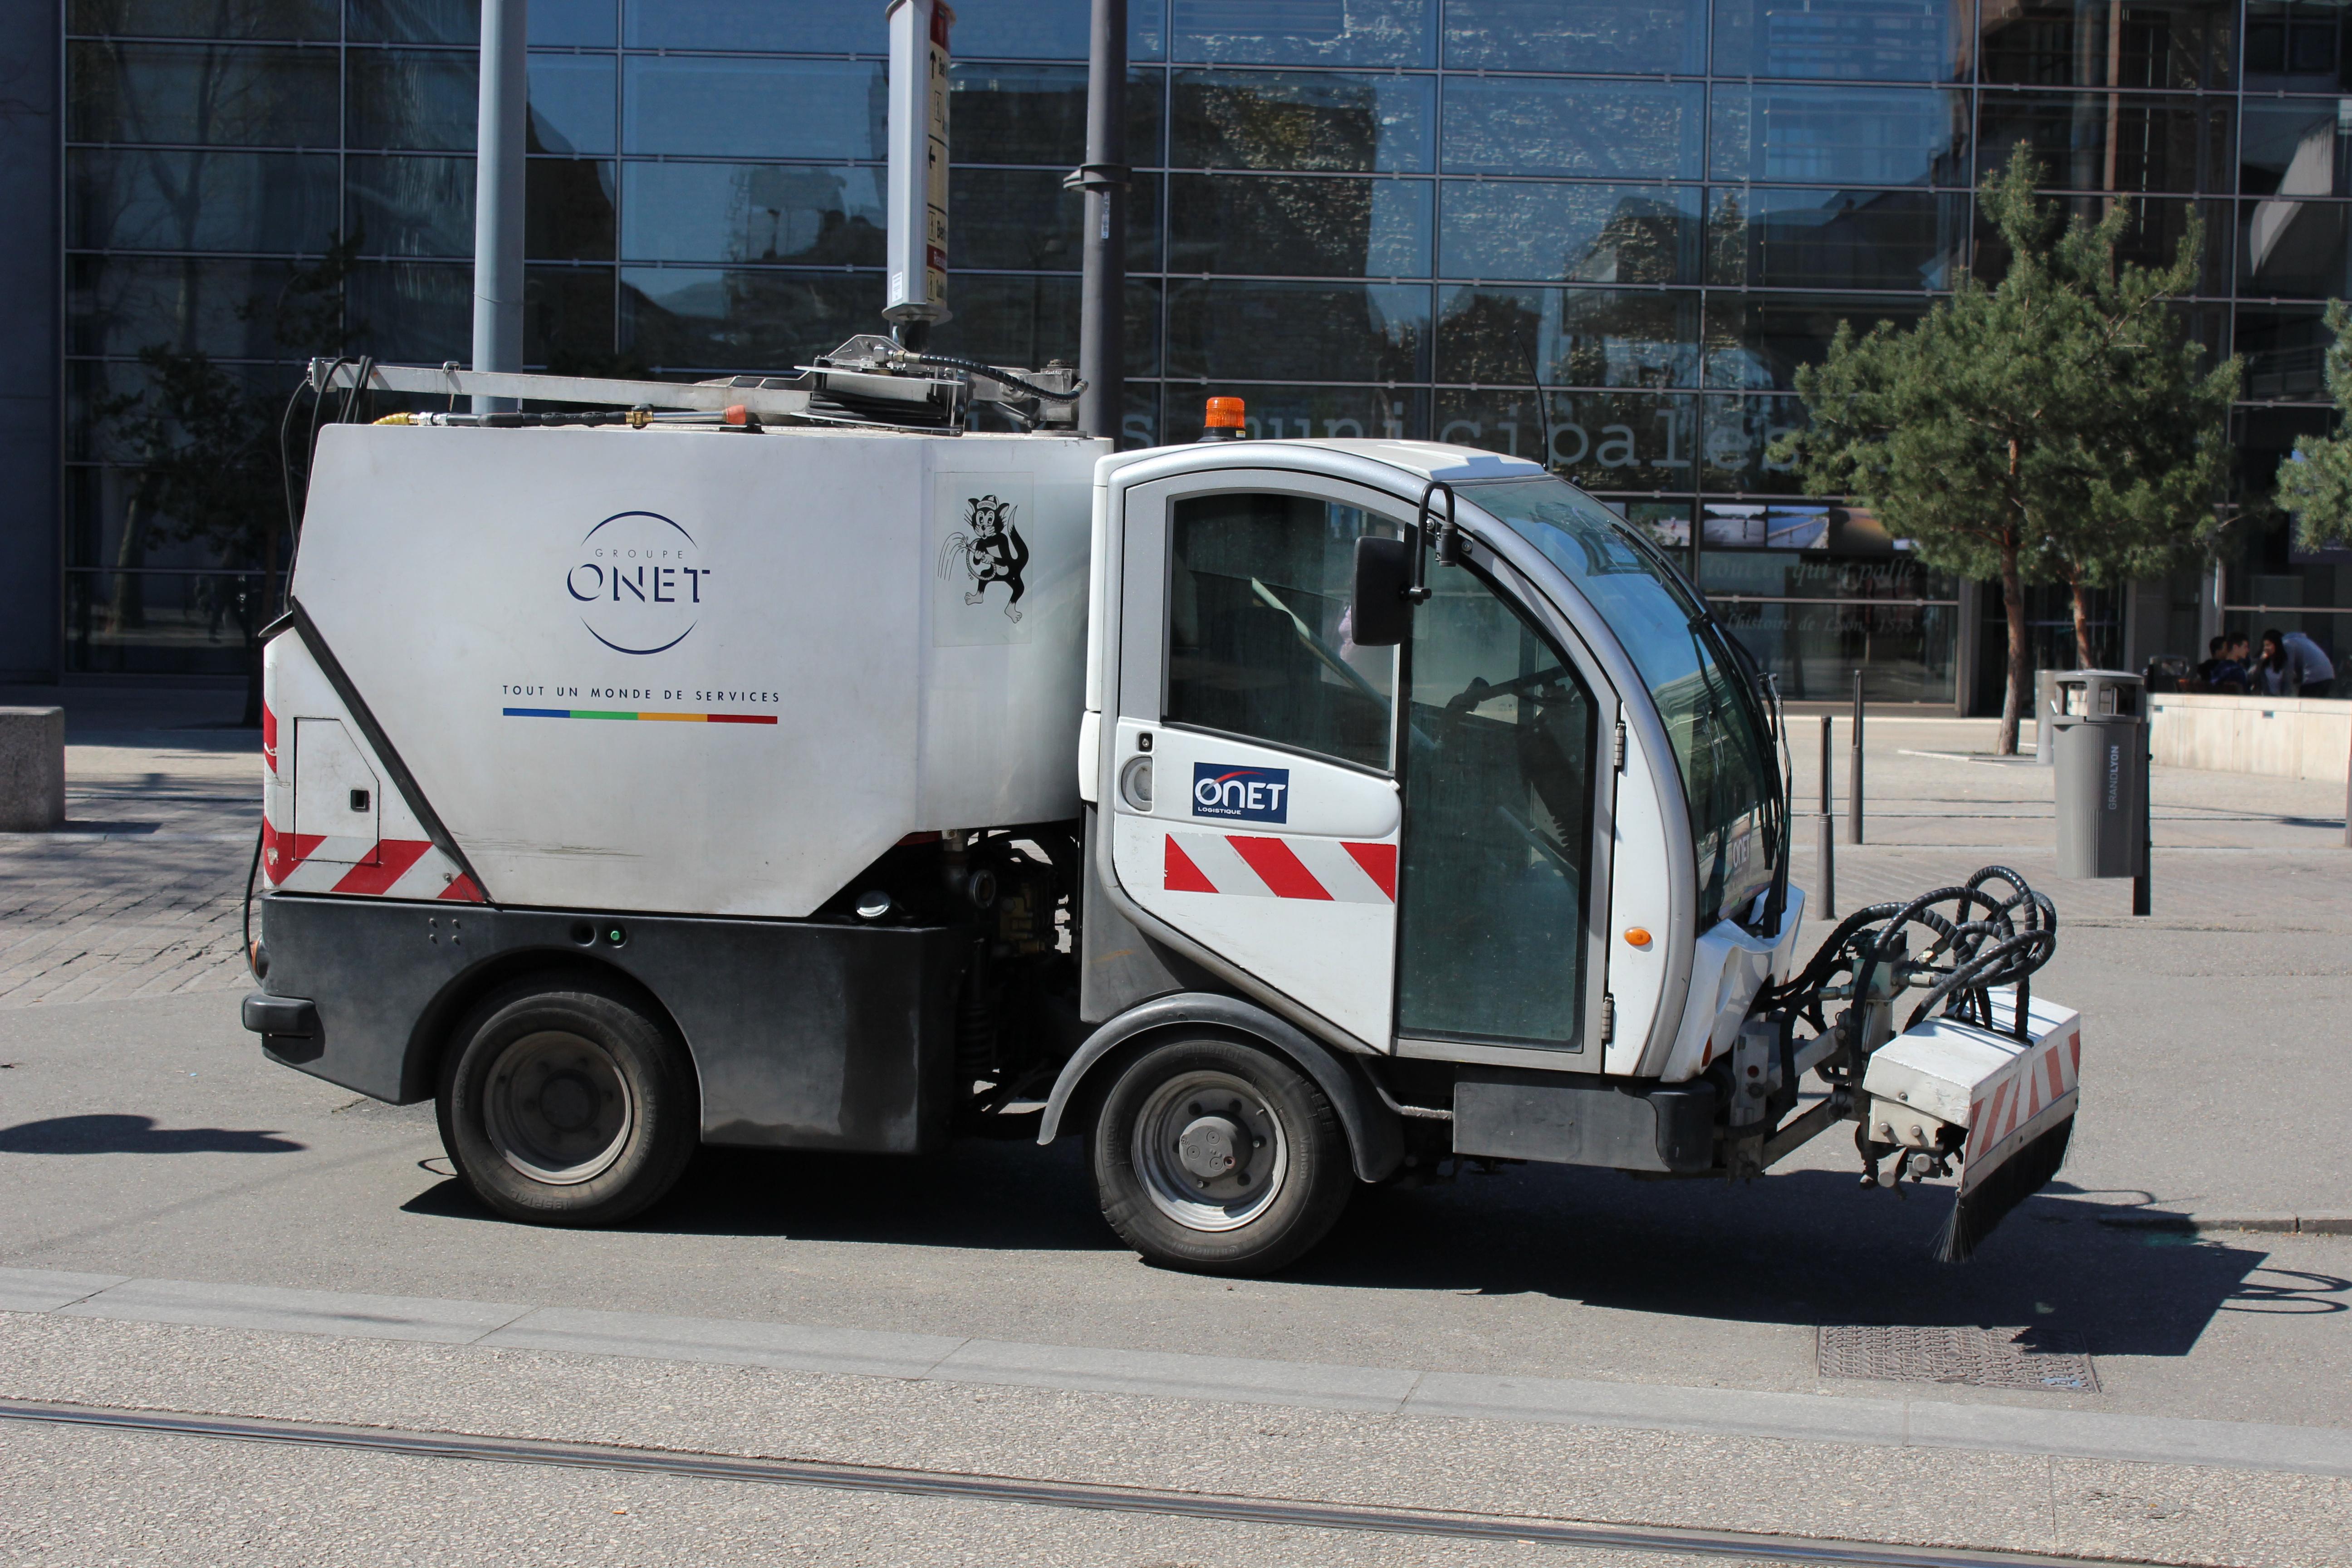 Balayeuse de voirie ONET (Street sweeper) - Citycat 2020 Euro 6.JPG